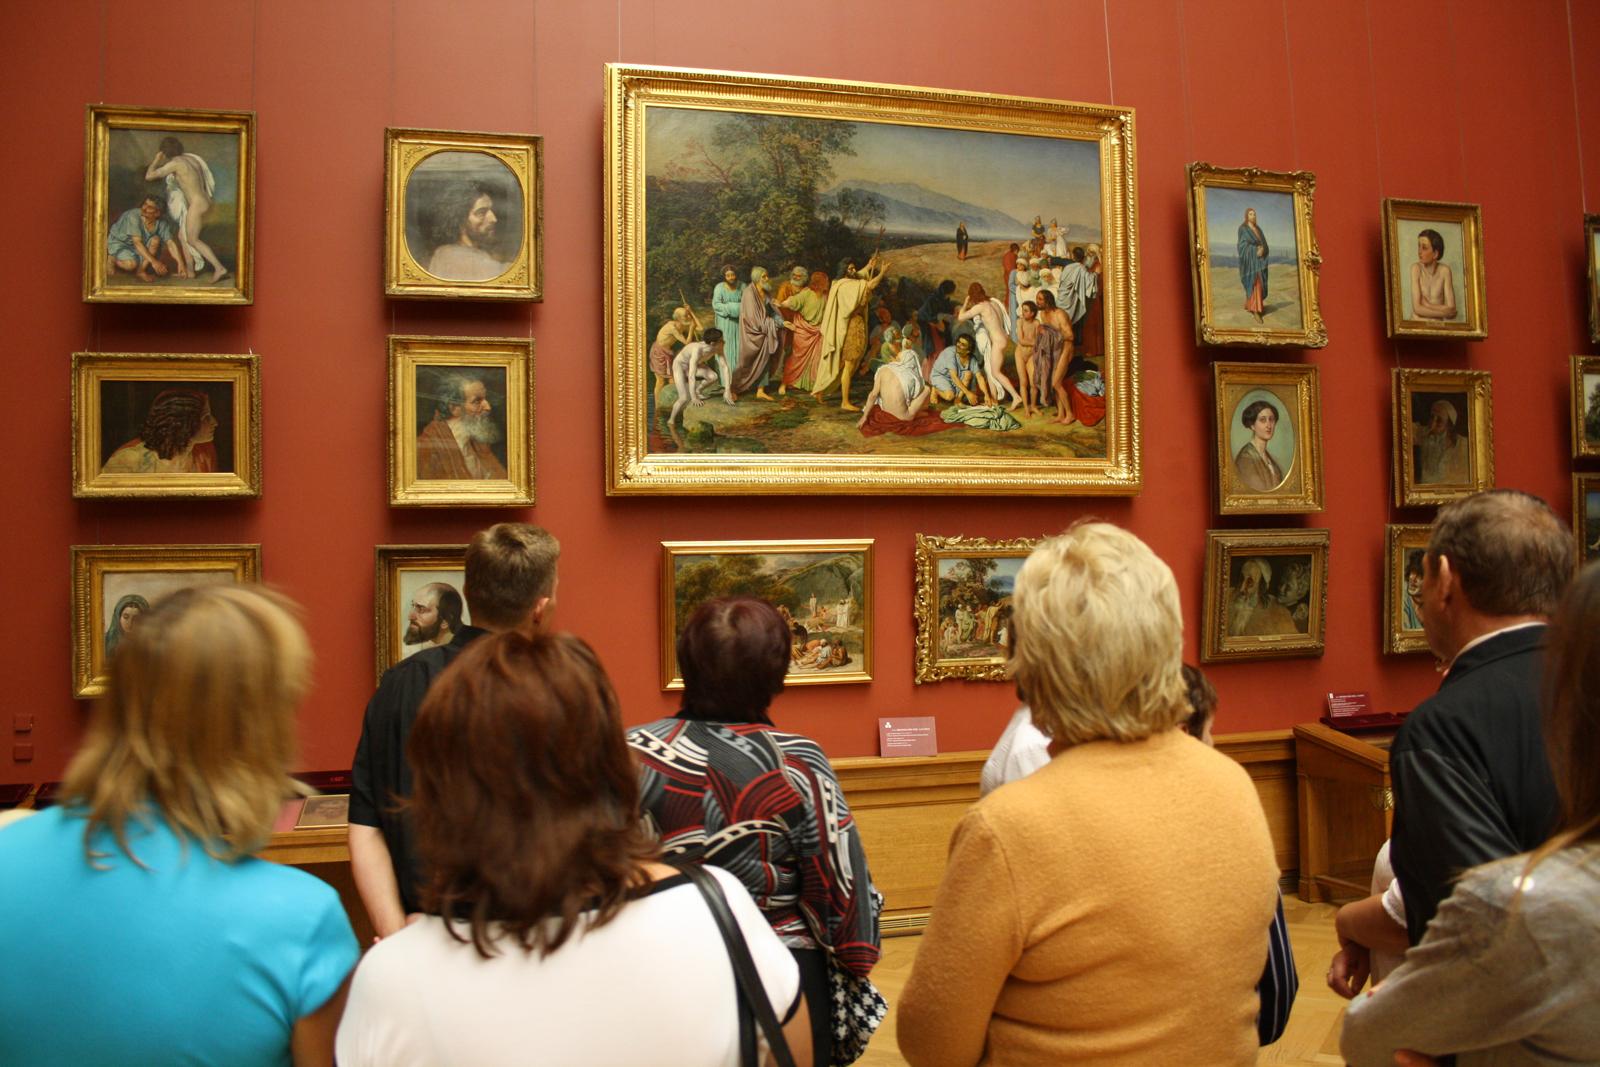 часто незаметно русский музей экспозиция фото уже существовал тому